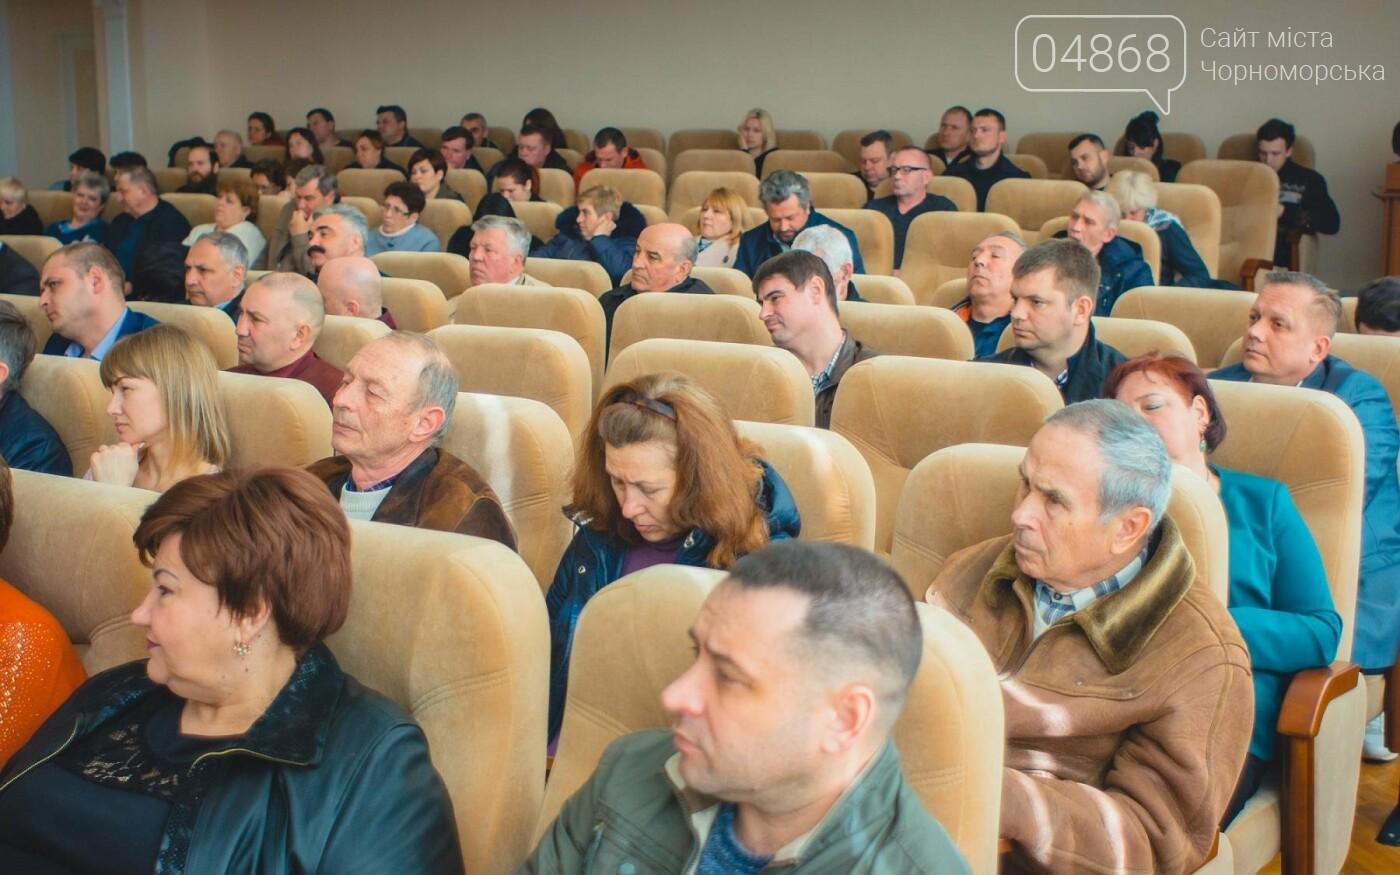 Предпринимателям Черноморска напомнили о новых правилах благоустройства, фото-9